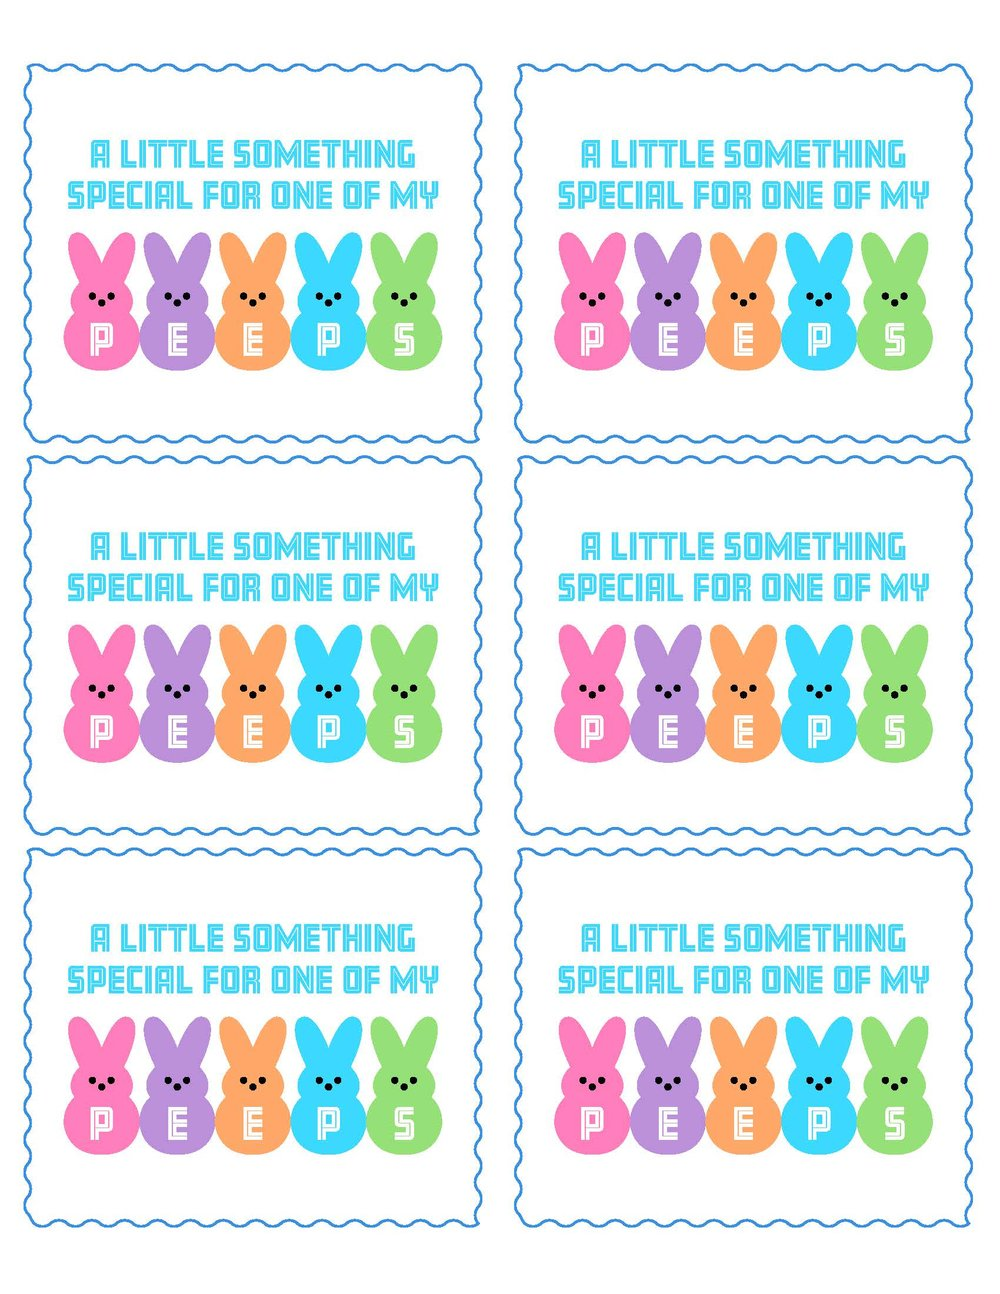 18.02.09 - Easter PEEPS Labels_Page_5.jpg